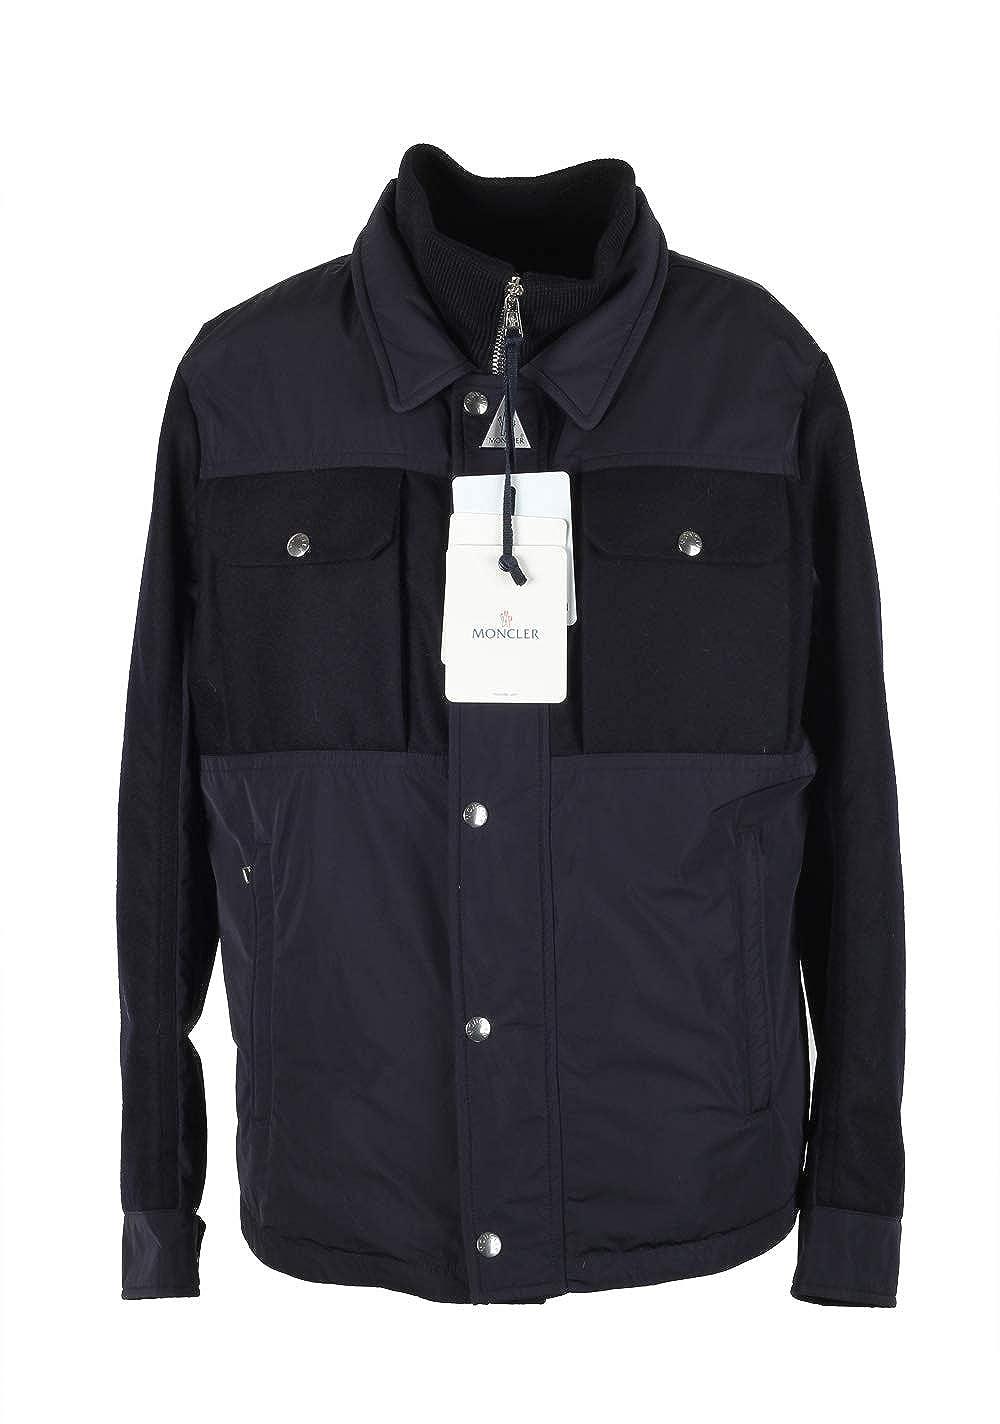 MONCLER Cl Blue Beaufort Utility Jacket Coat Size 4 / L / 52/42 U.S.: Amazon.es: Ropa y accesorios